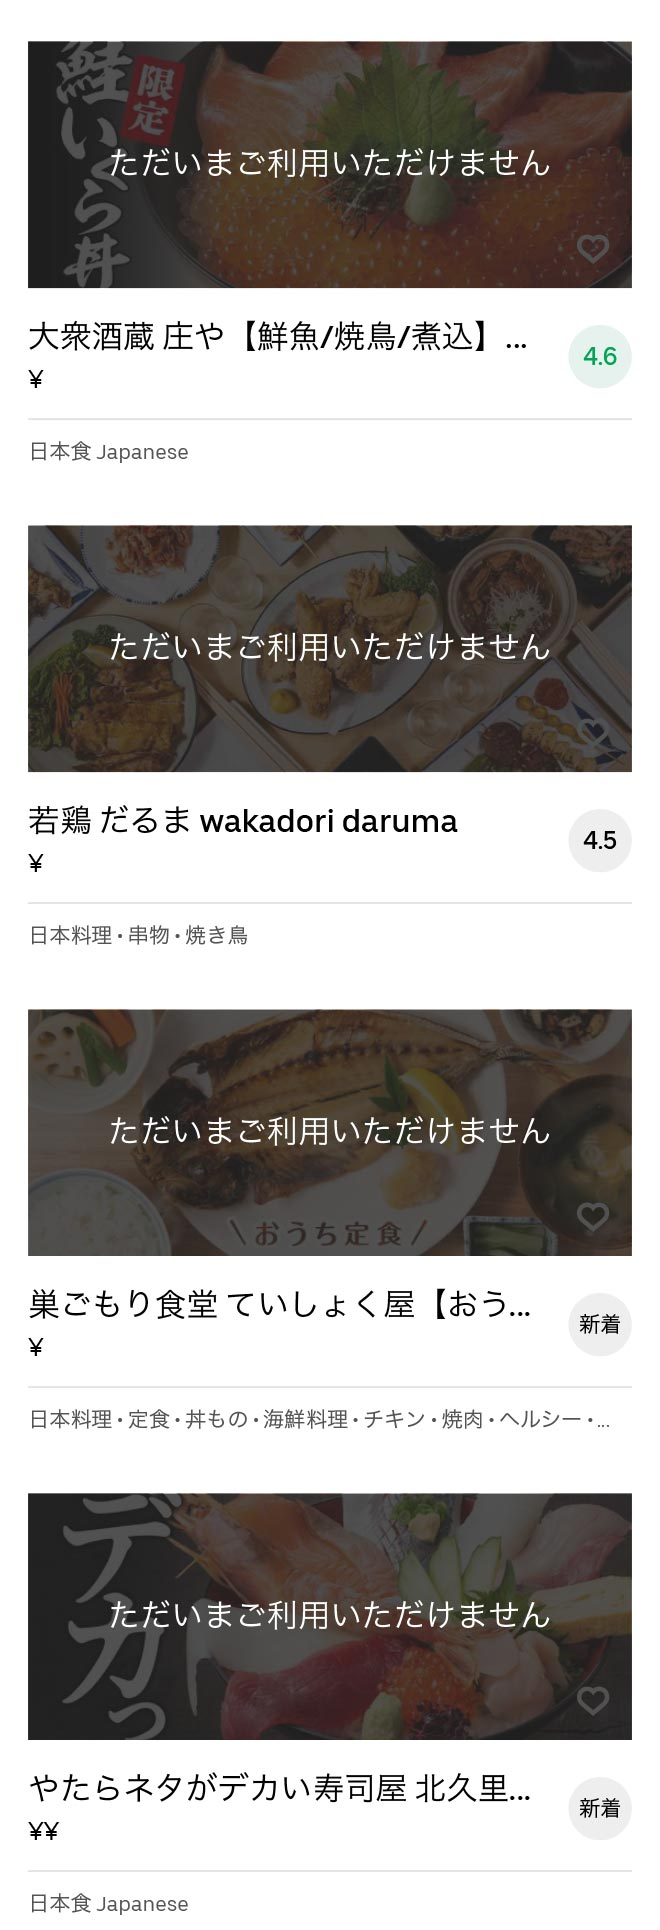 Kurihama menu 2008 05